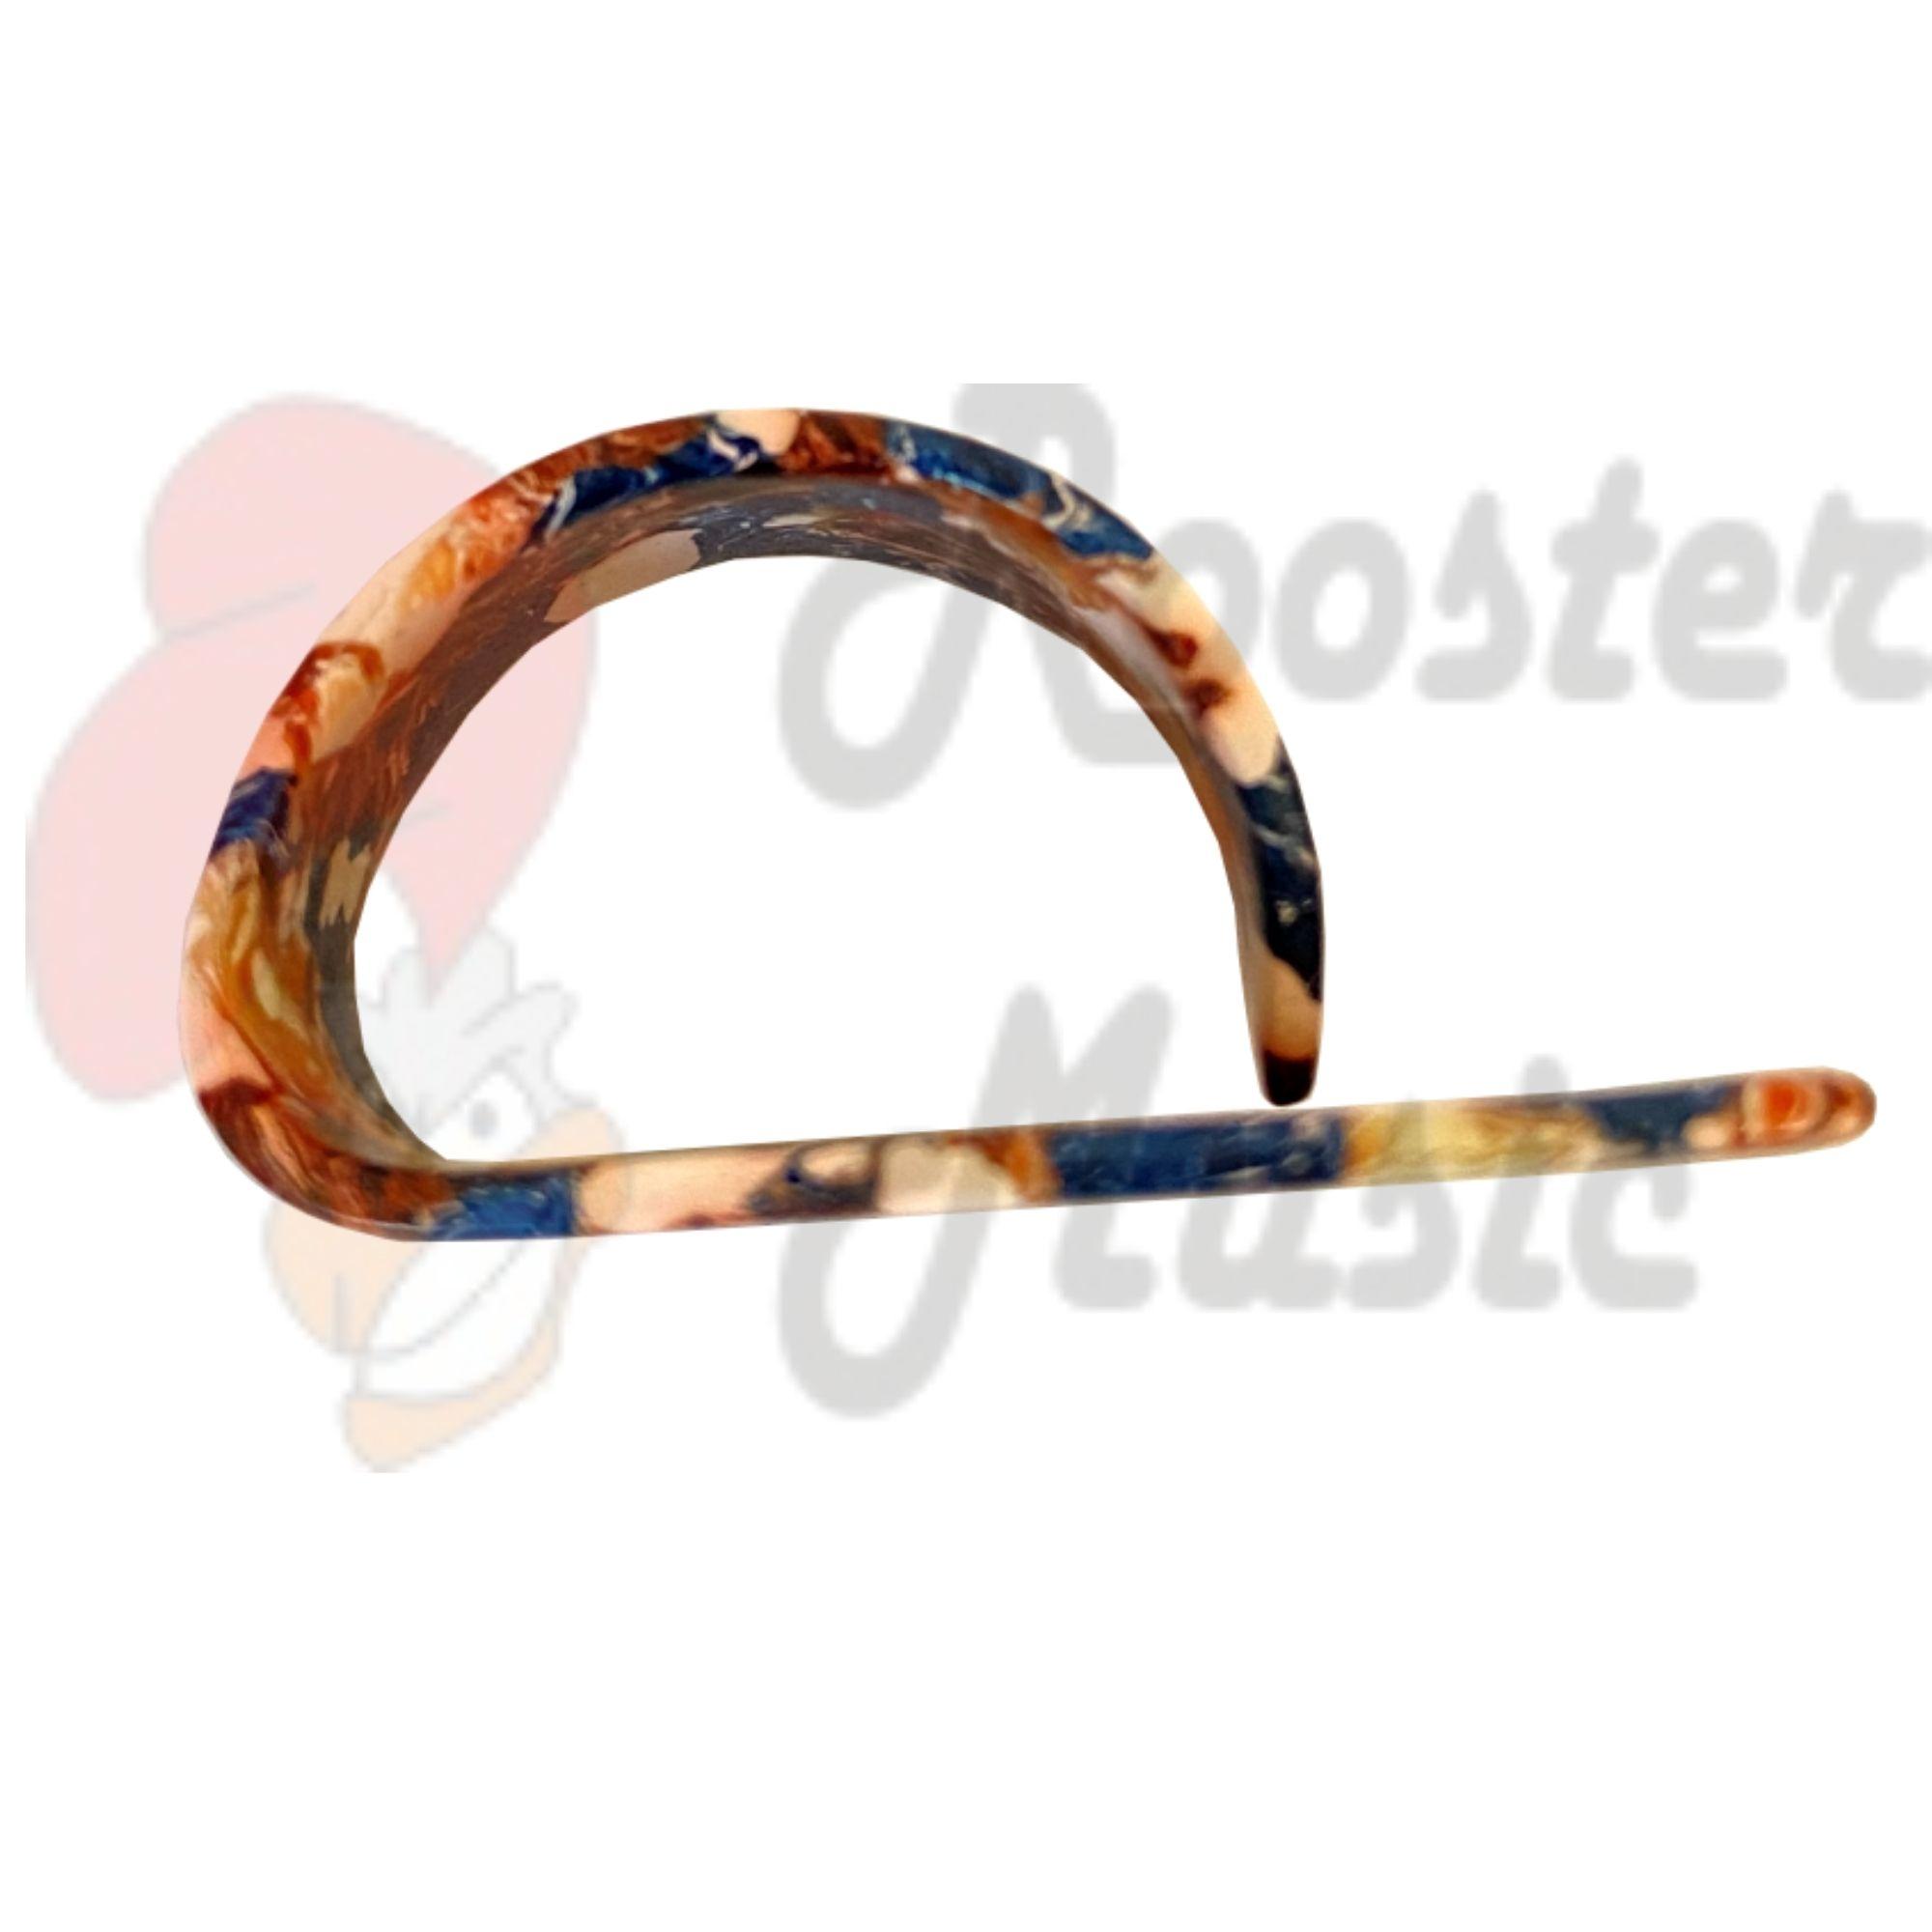 Dedeira Spring para tocar instrumentos musicais de corda, várias cores.